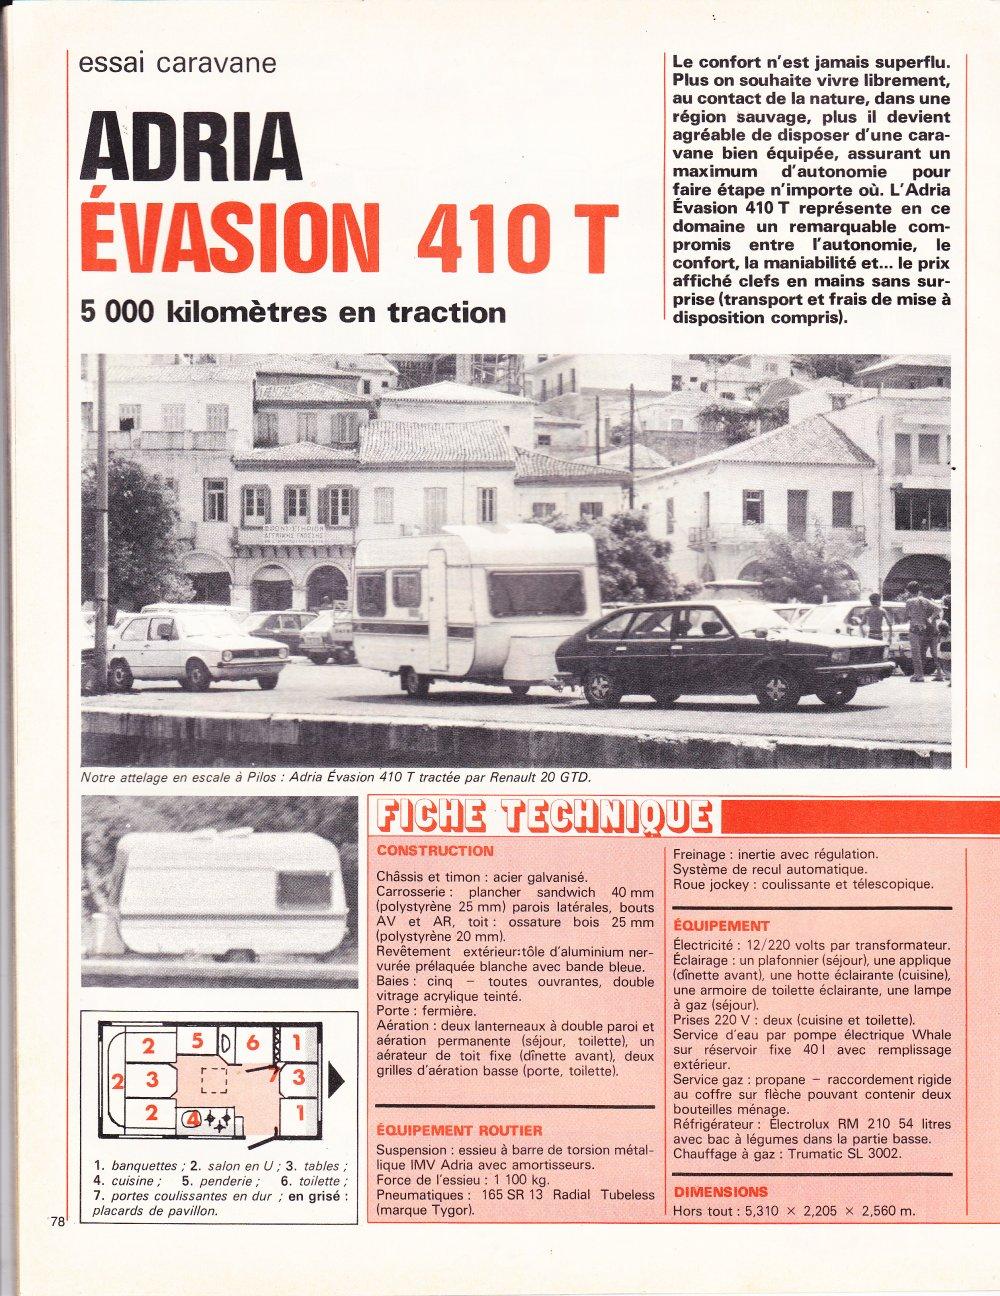 1446151931_adria_evasion_410t_p.1.jpg